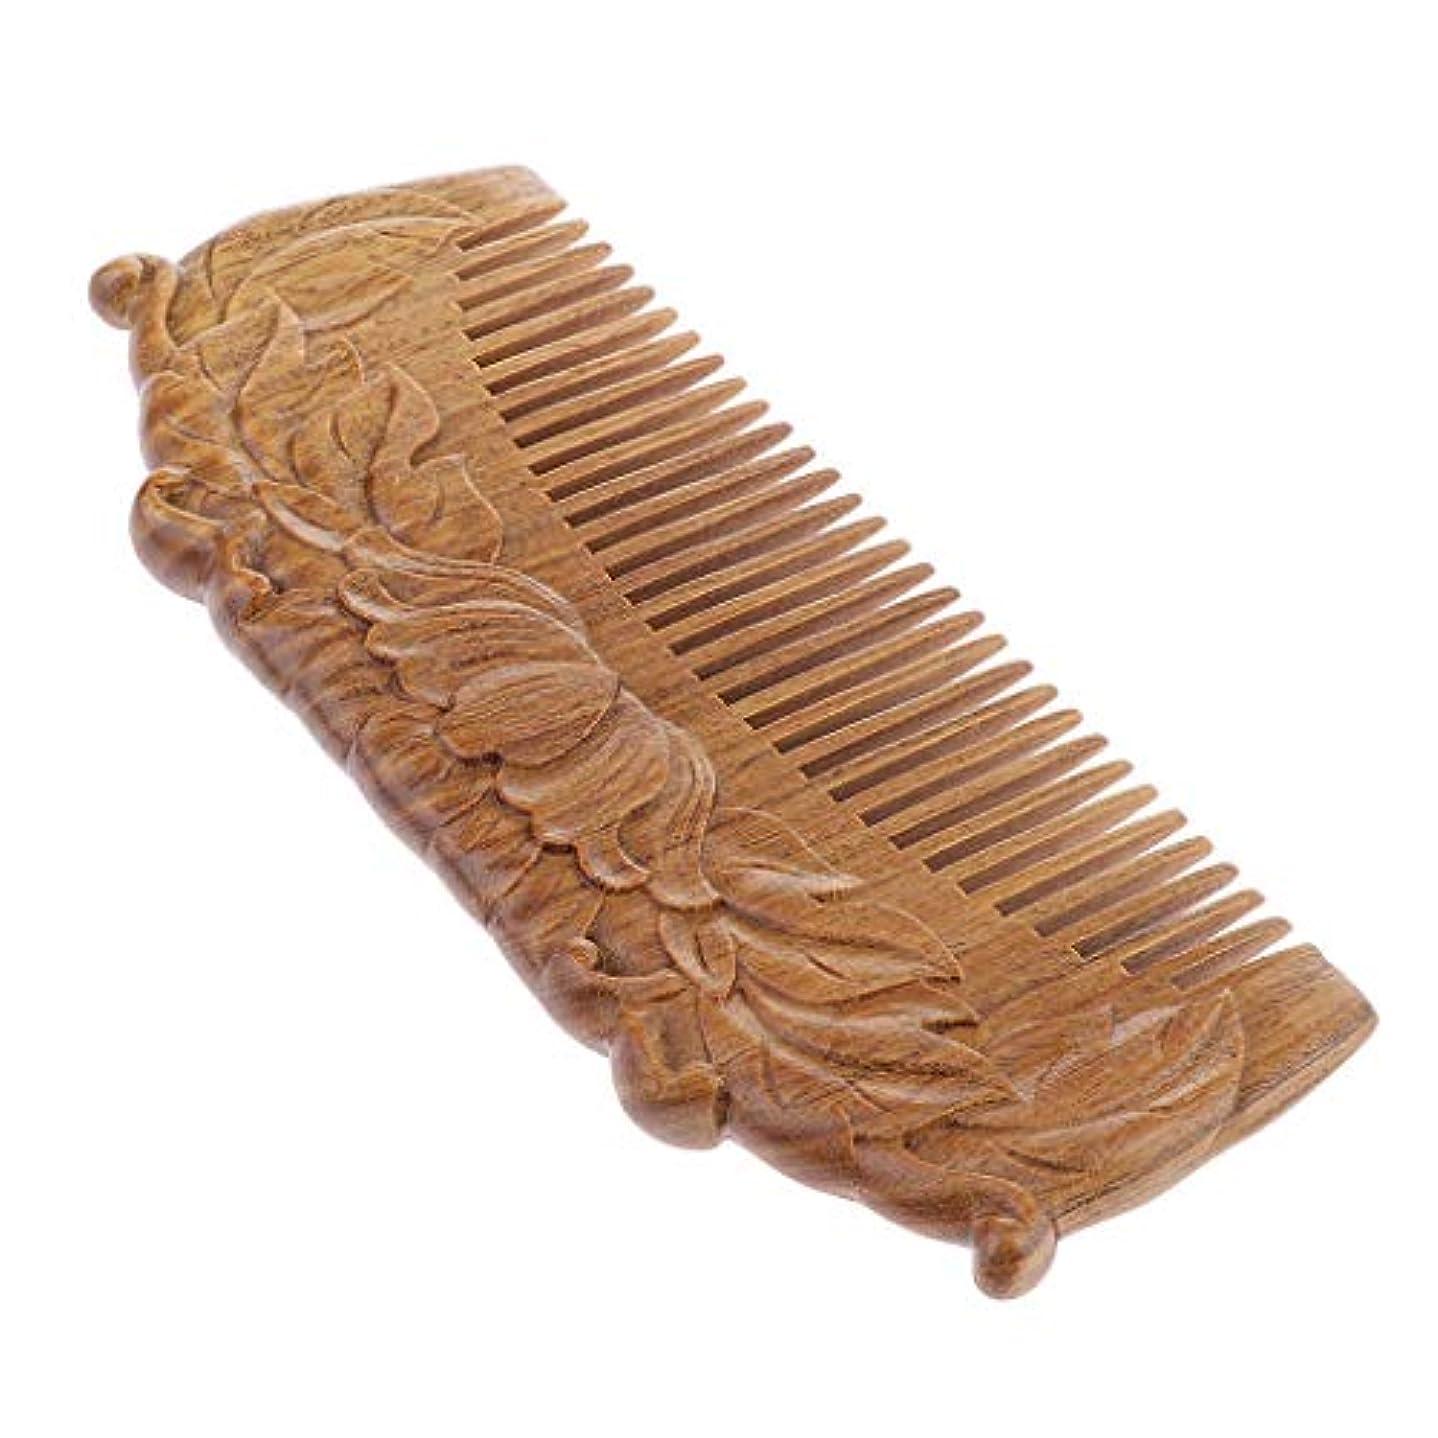 噴水郵便チャーターF Fityle ウッドコーム 木製櫛 高品質 手作り 天然木 帯電防止櫛 頭皮マッサージ ヘアブラシ